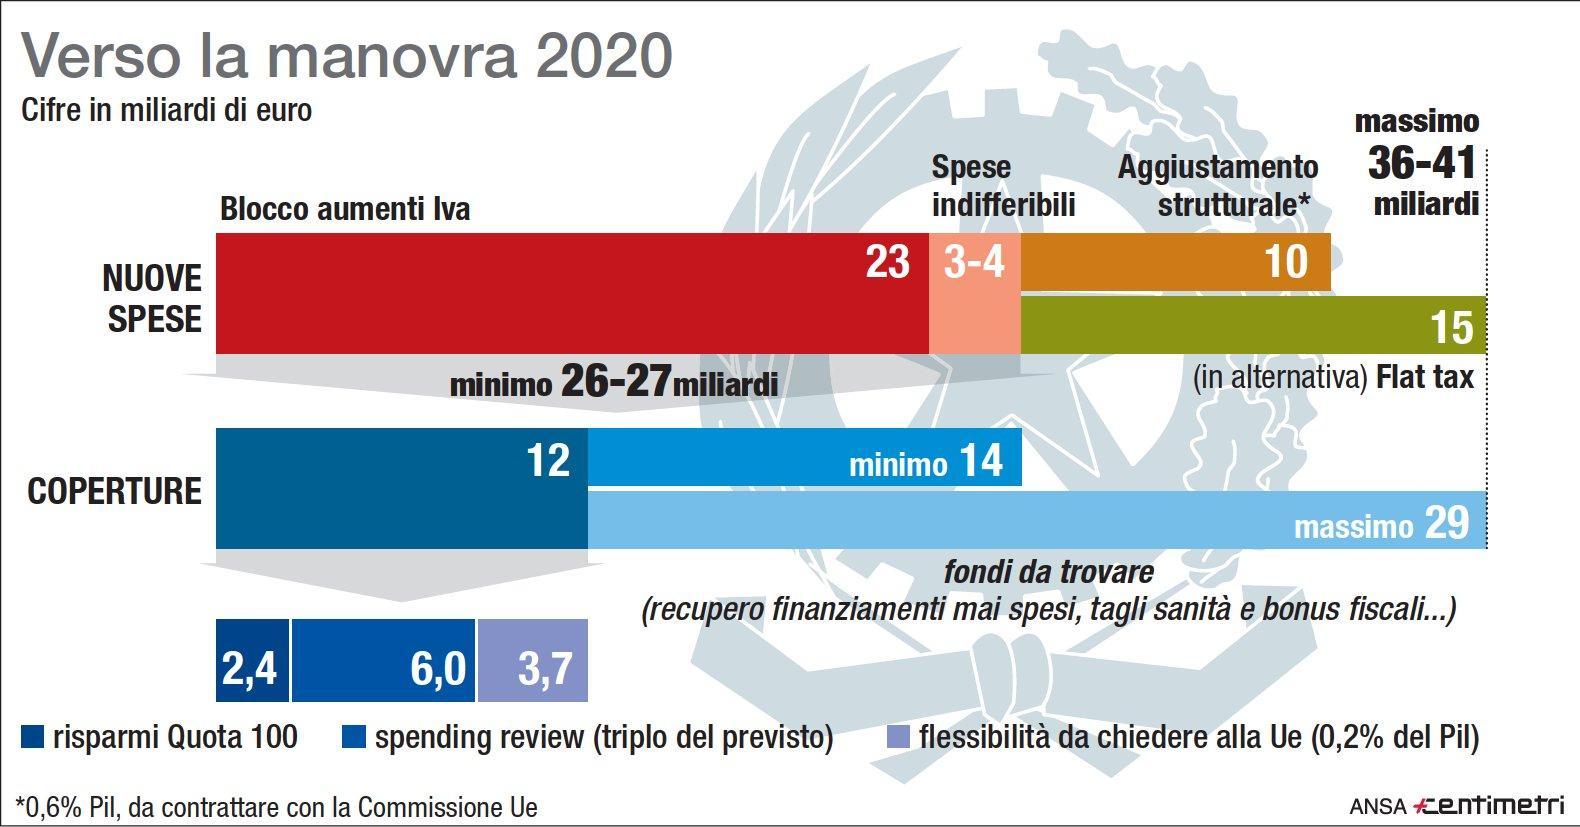 La Manovra 2020: spese nuove e coperture ipotizzabili